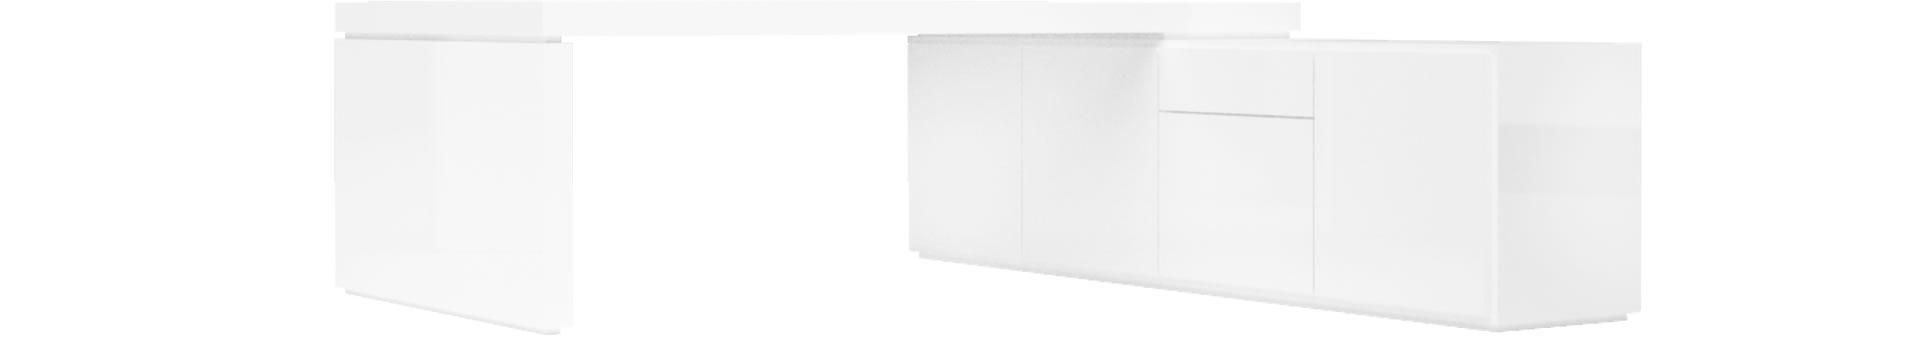 chefzimmer schreibtisch praefectus minimalistischer chefzimmerschreibtisch von rechteck. Black Bedroom Furniture Sets. Home Design Ideas